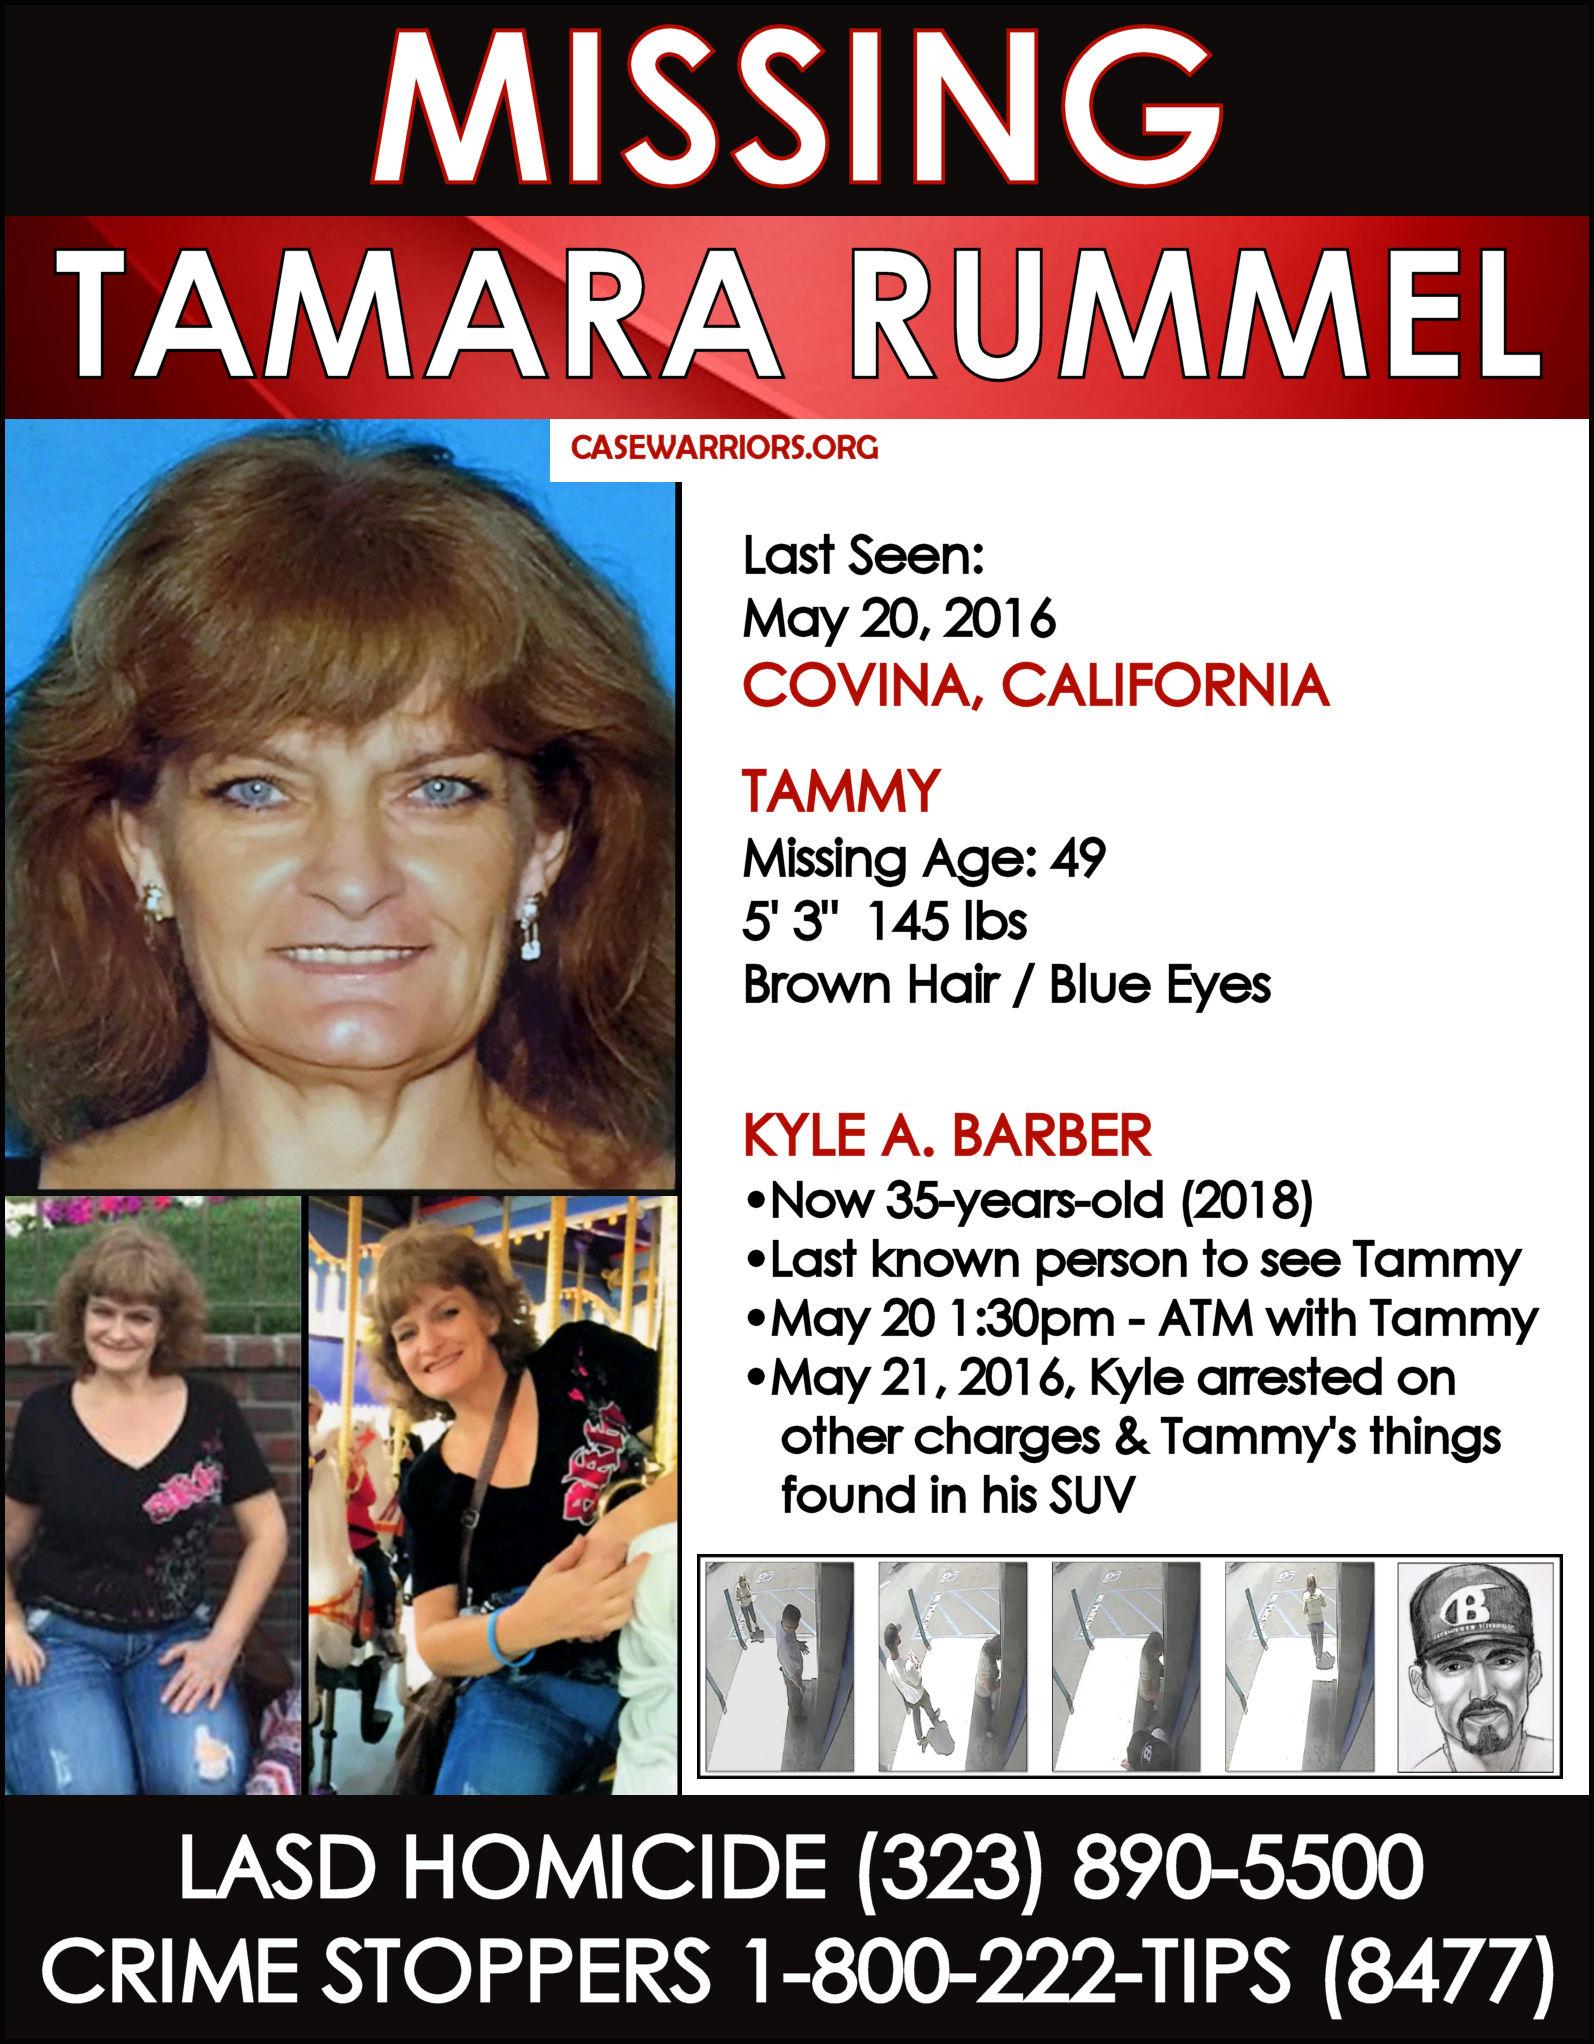 TAMARA RUMMEL